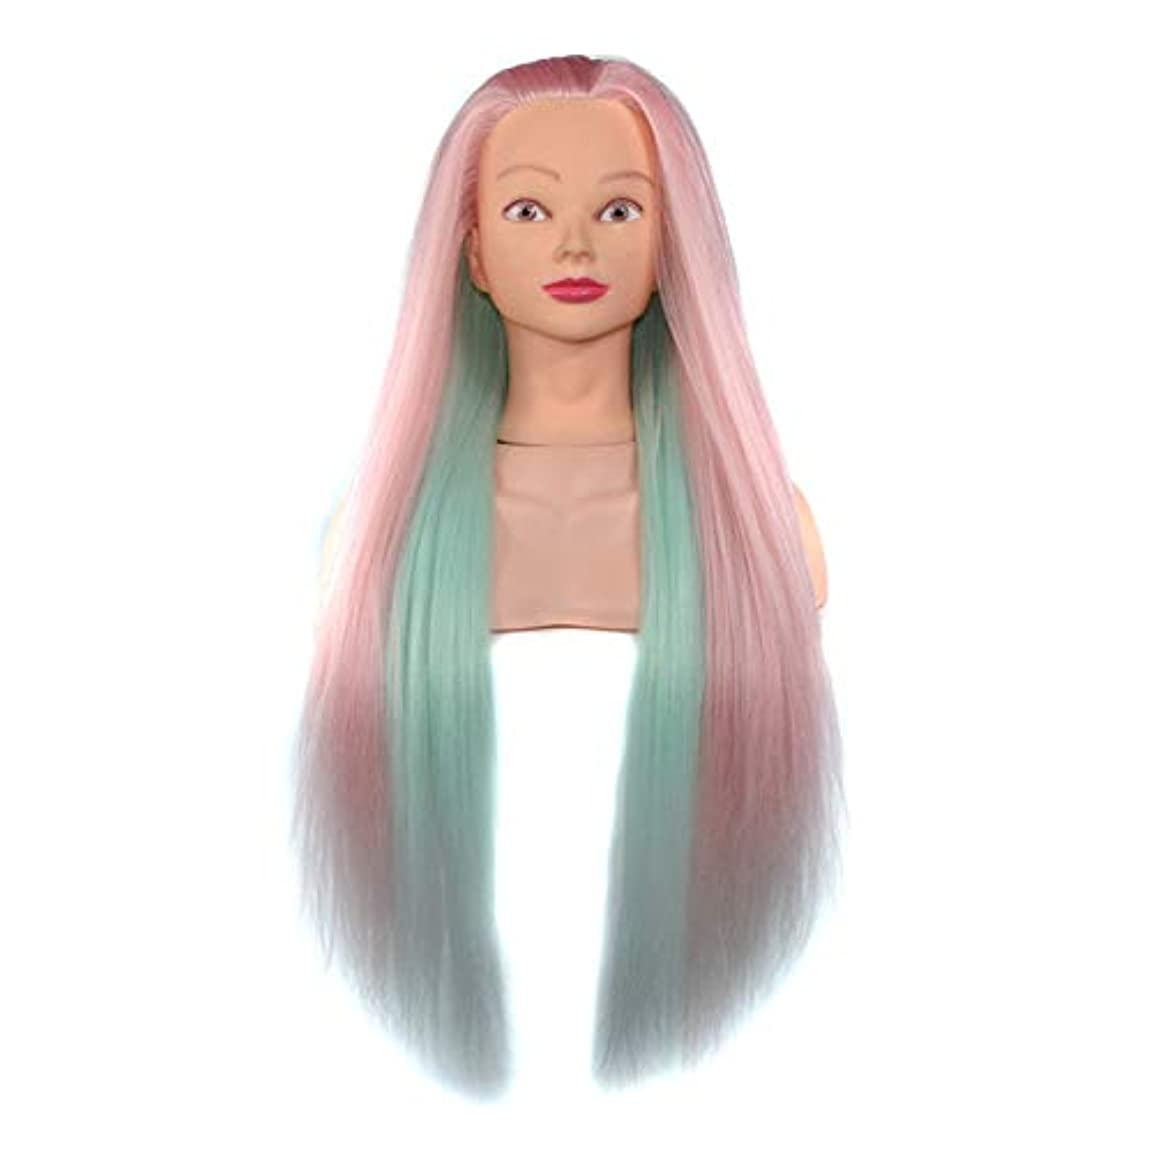 ヘアスタイリング練習ディスクヘア学習ヘッドモデル美容院高温ワイヤートレーニングヘッドマネキン人形ヘッド